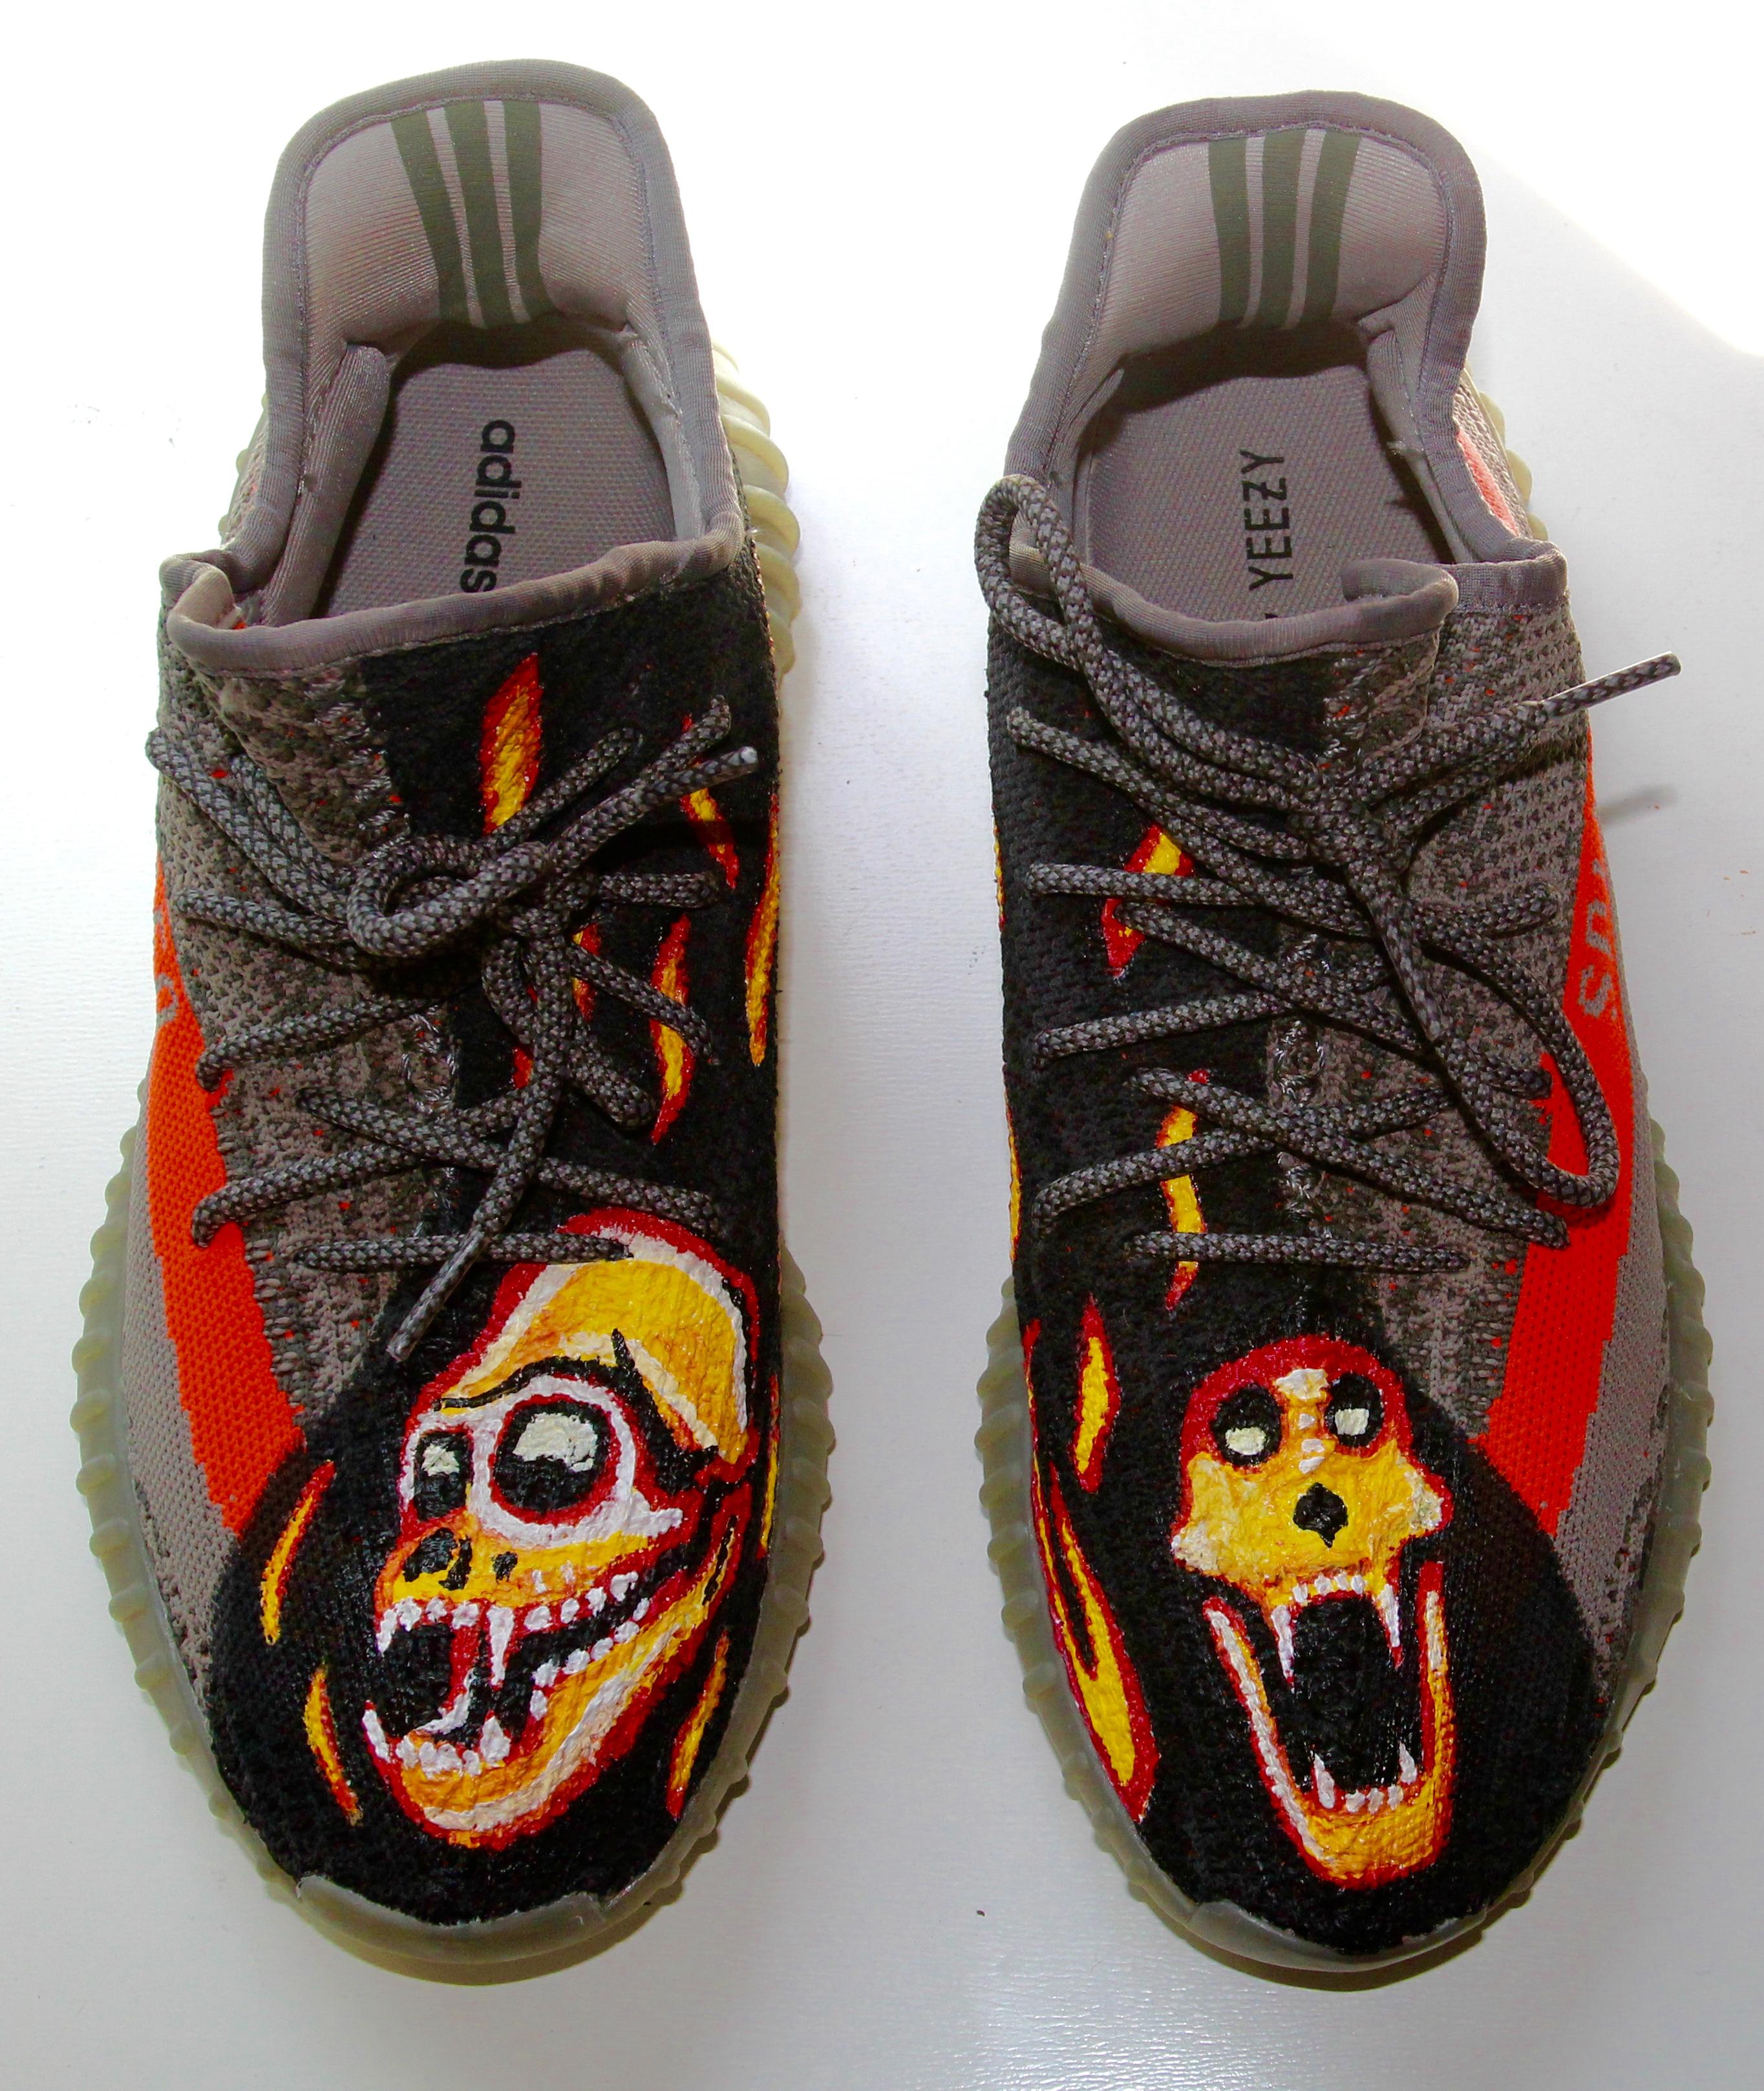 Burning monkey shoes!